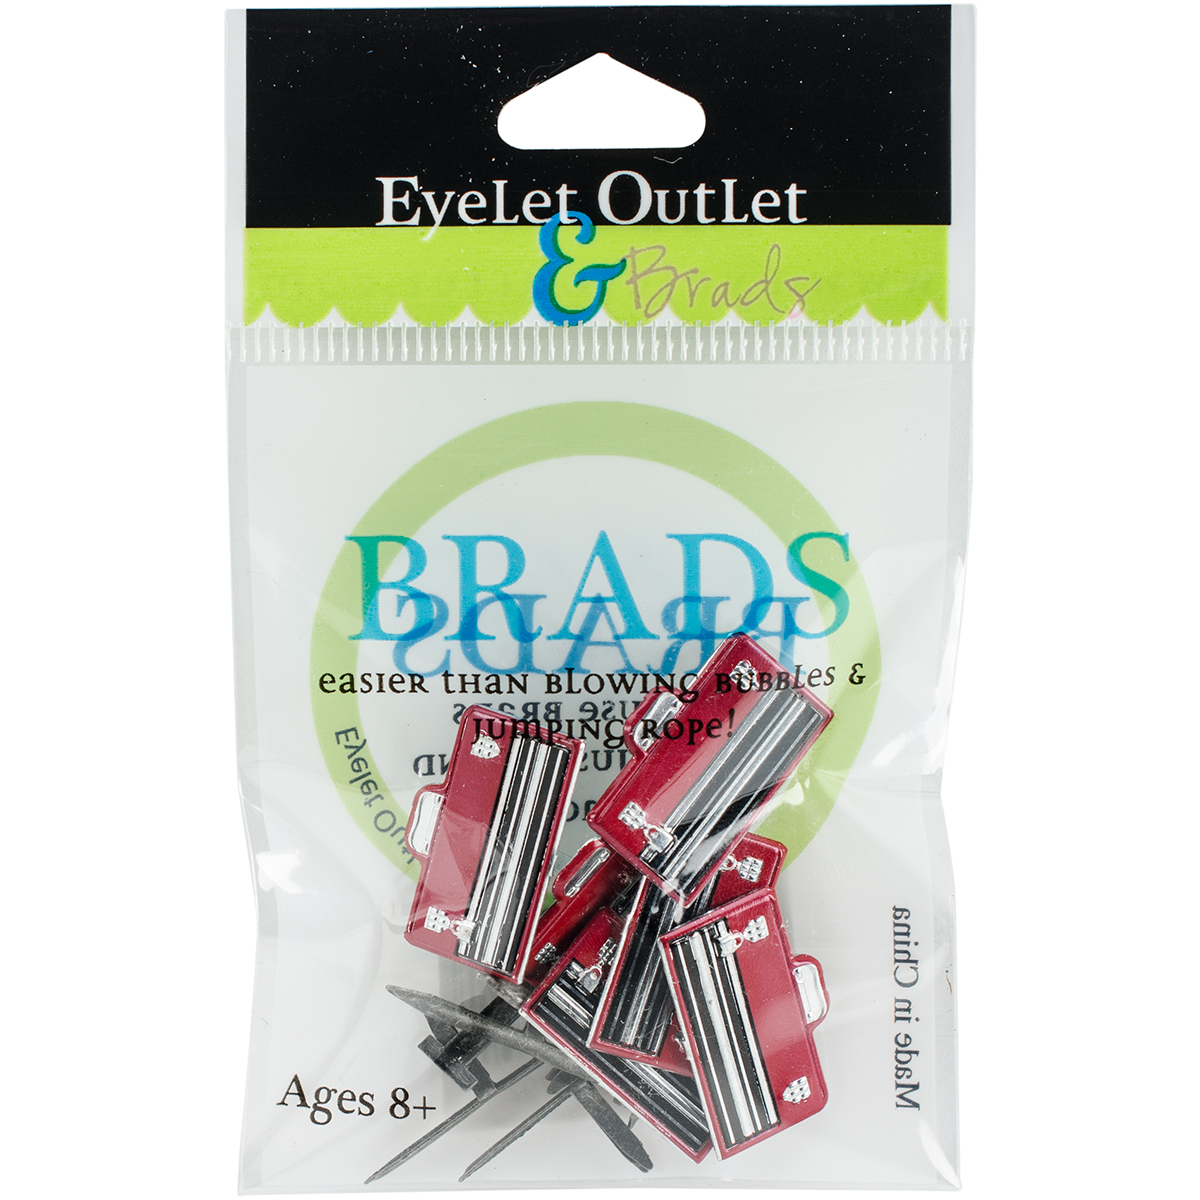 Brad Tool Box